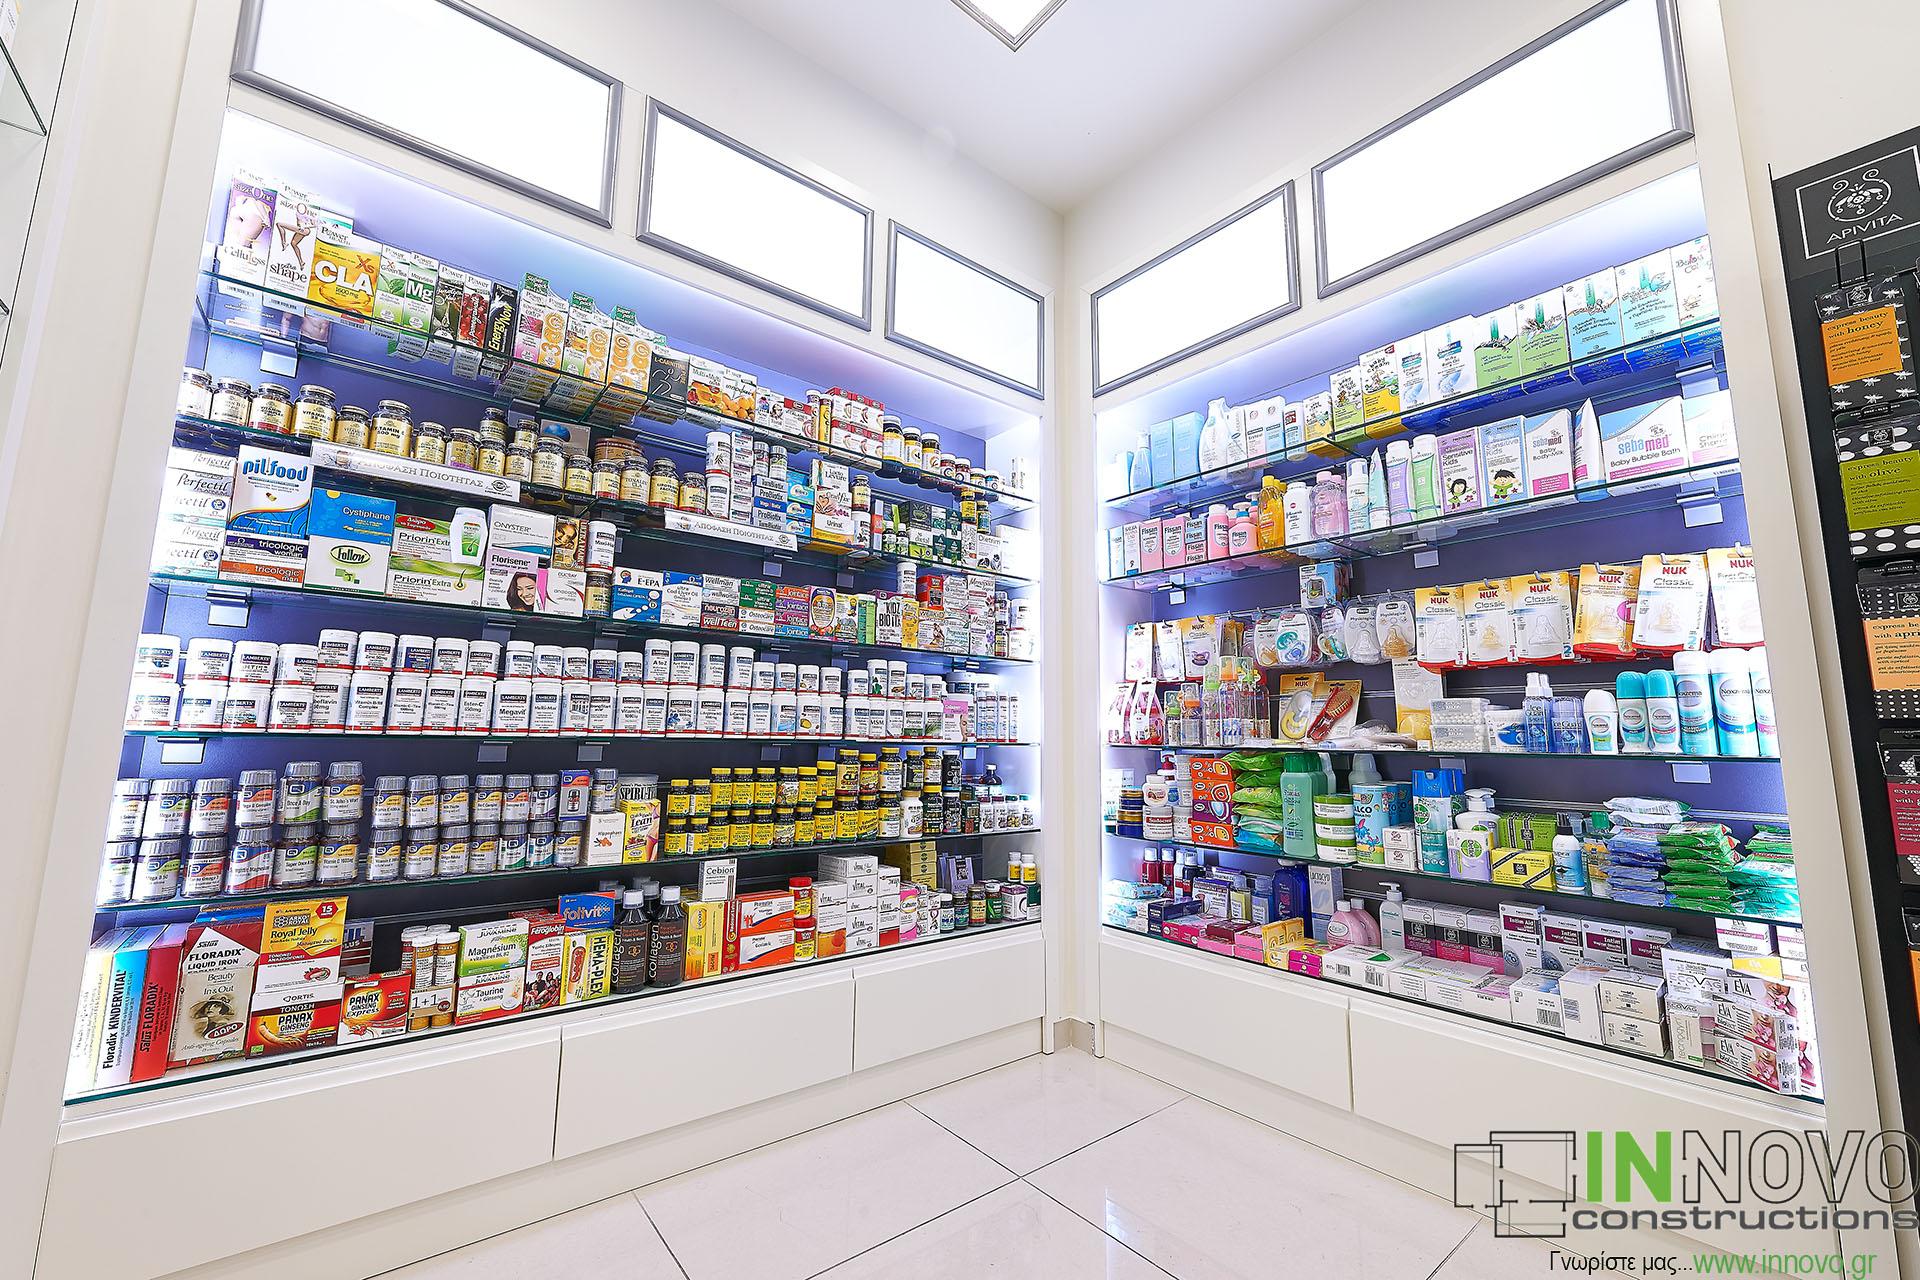 Κατασκευη φαρμακειου περιοχή Κολωνακι